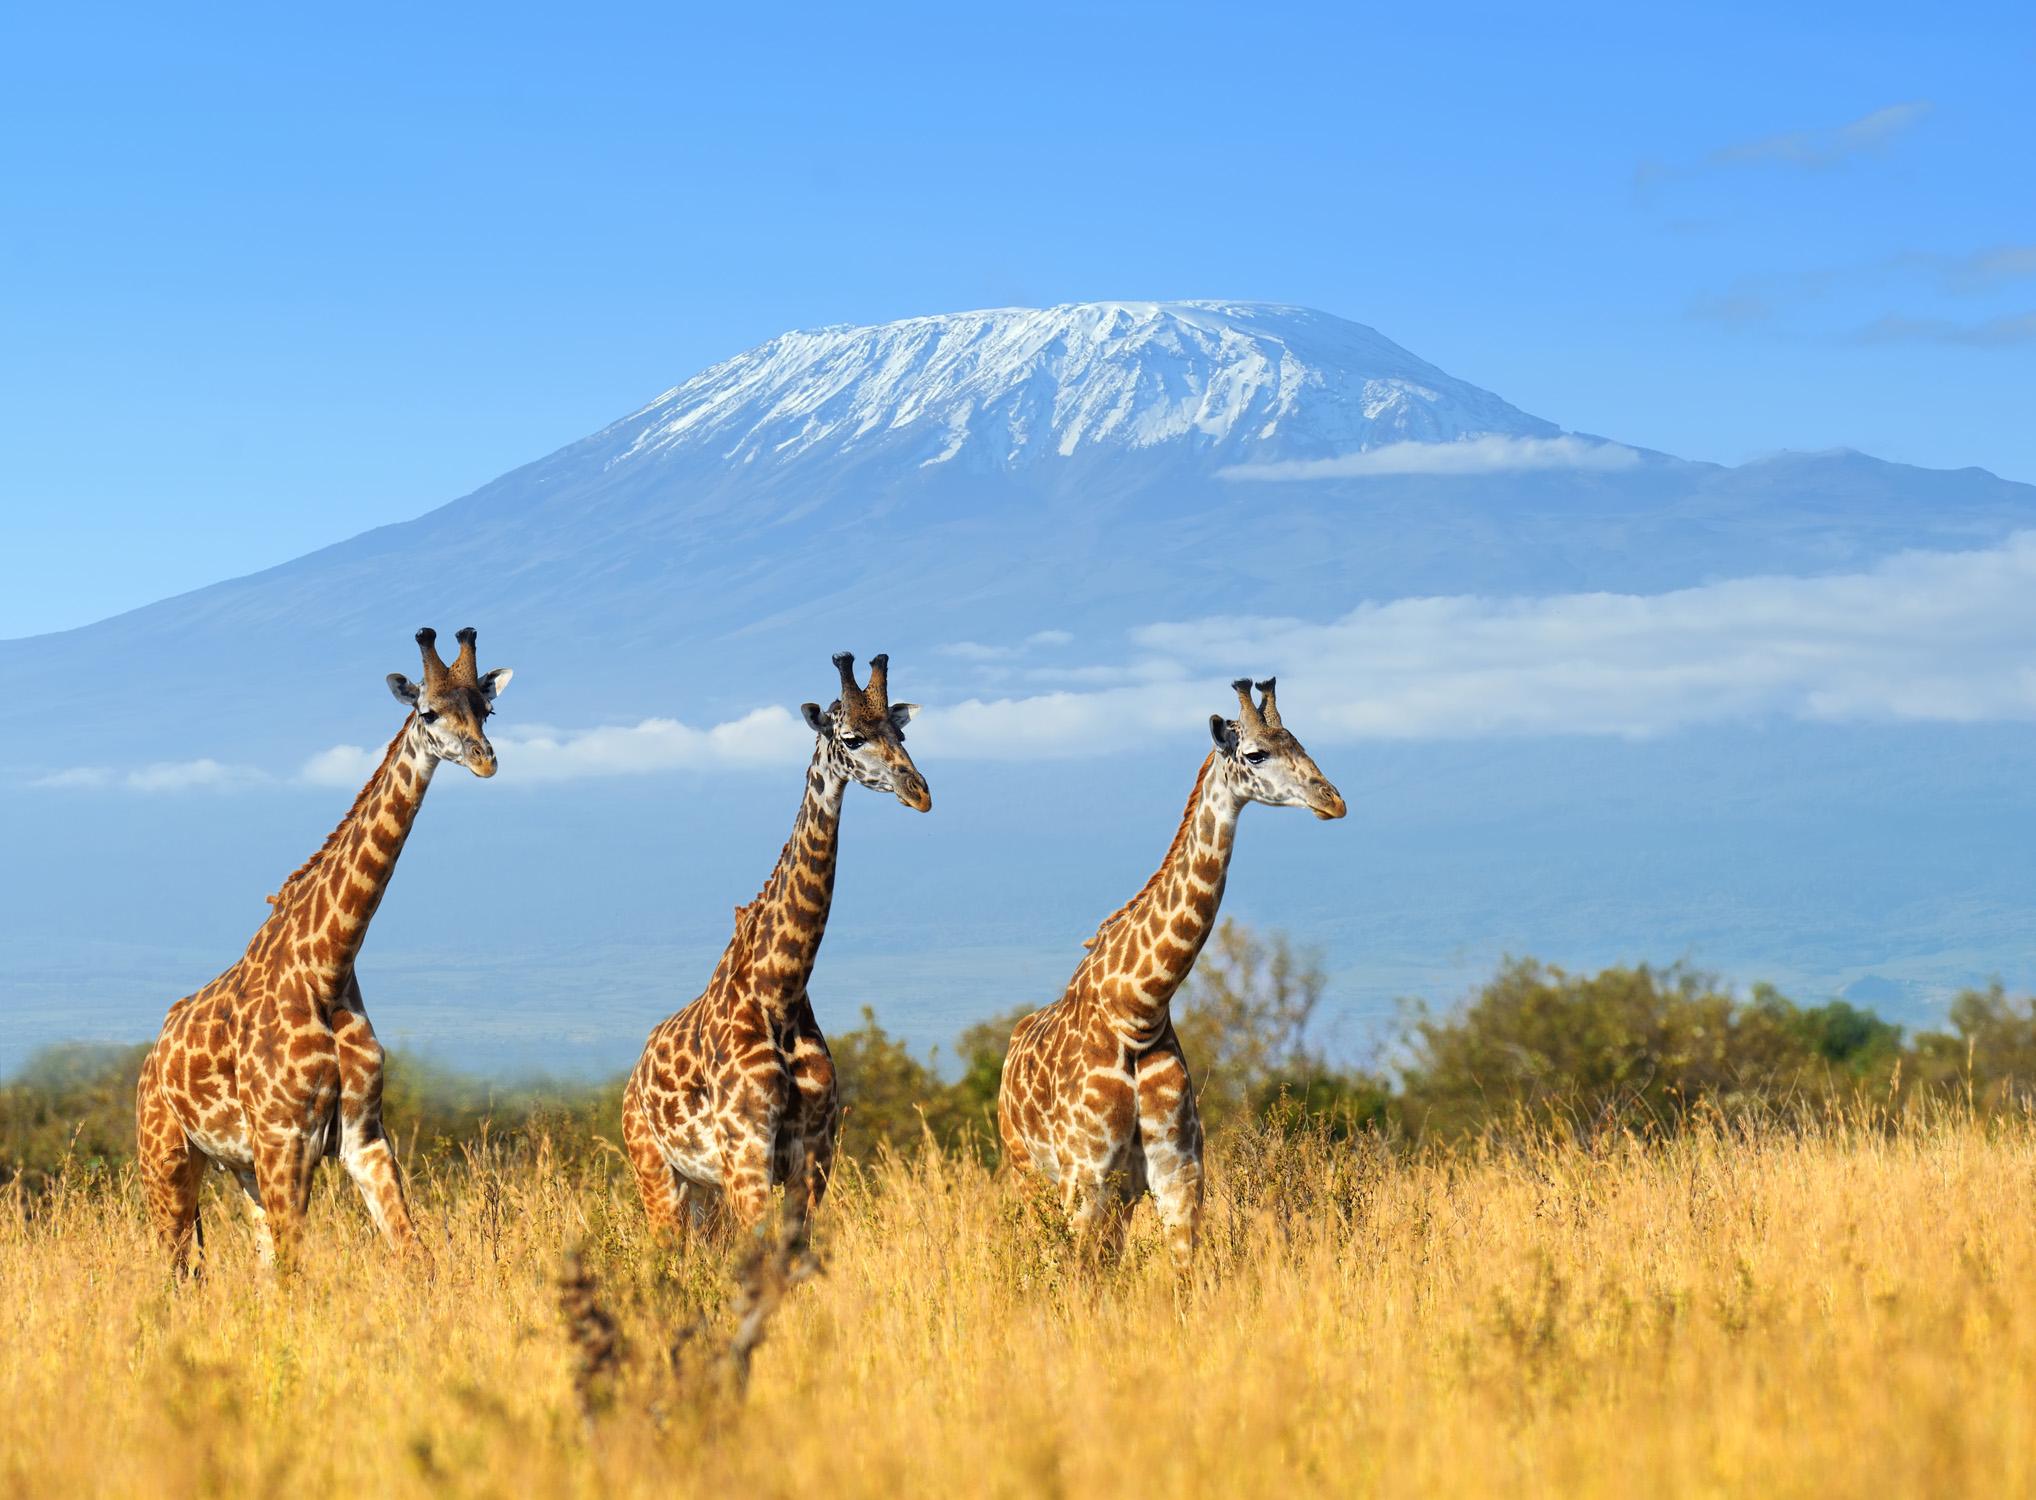 kenia giraffen urlaubsschn ppchen und tolle reise angebote. Black Bedroom Furniture Sets. Home Design Ideas